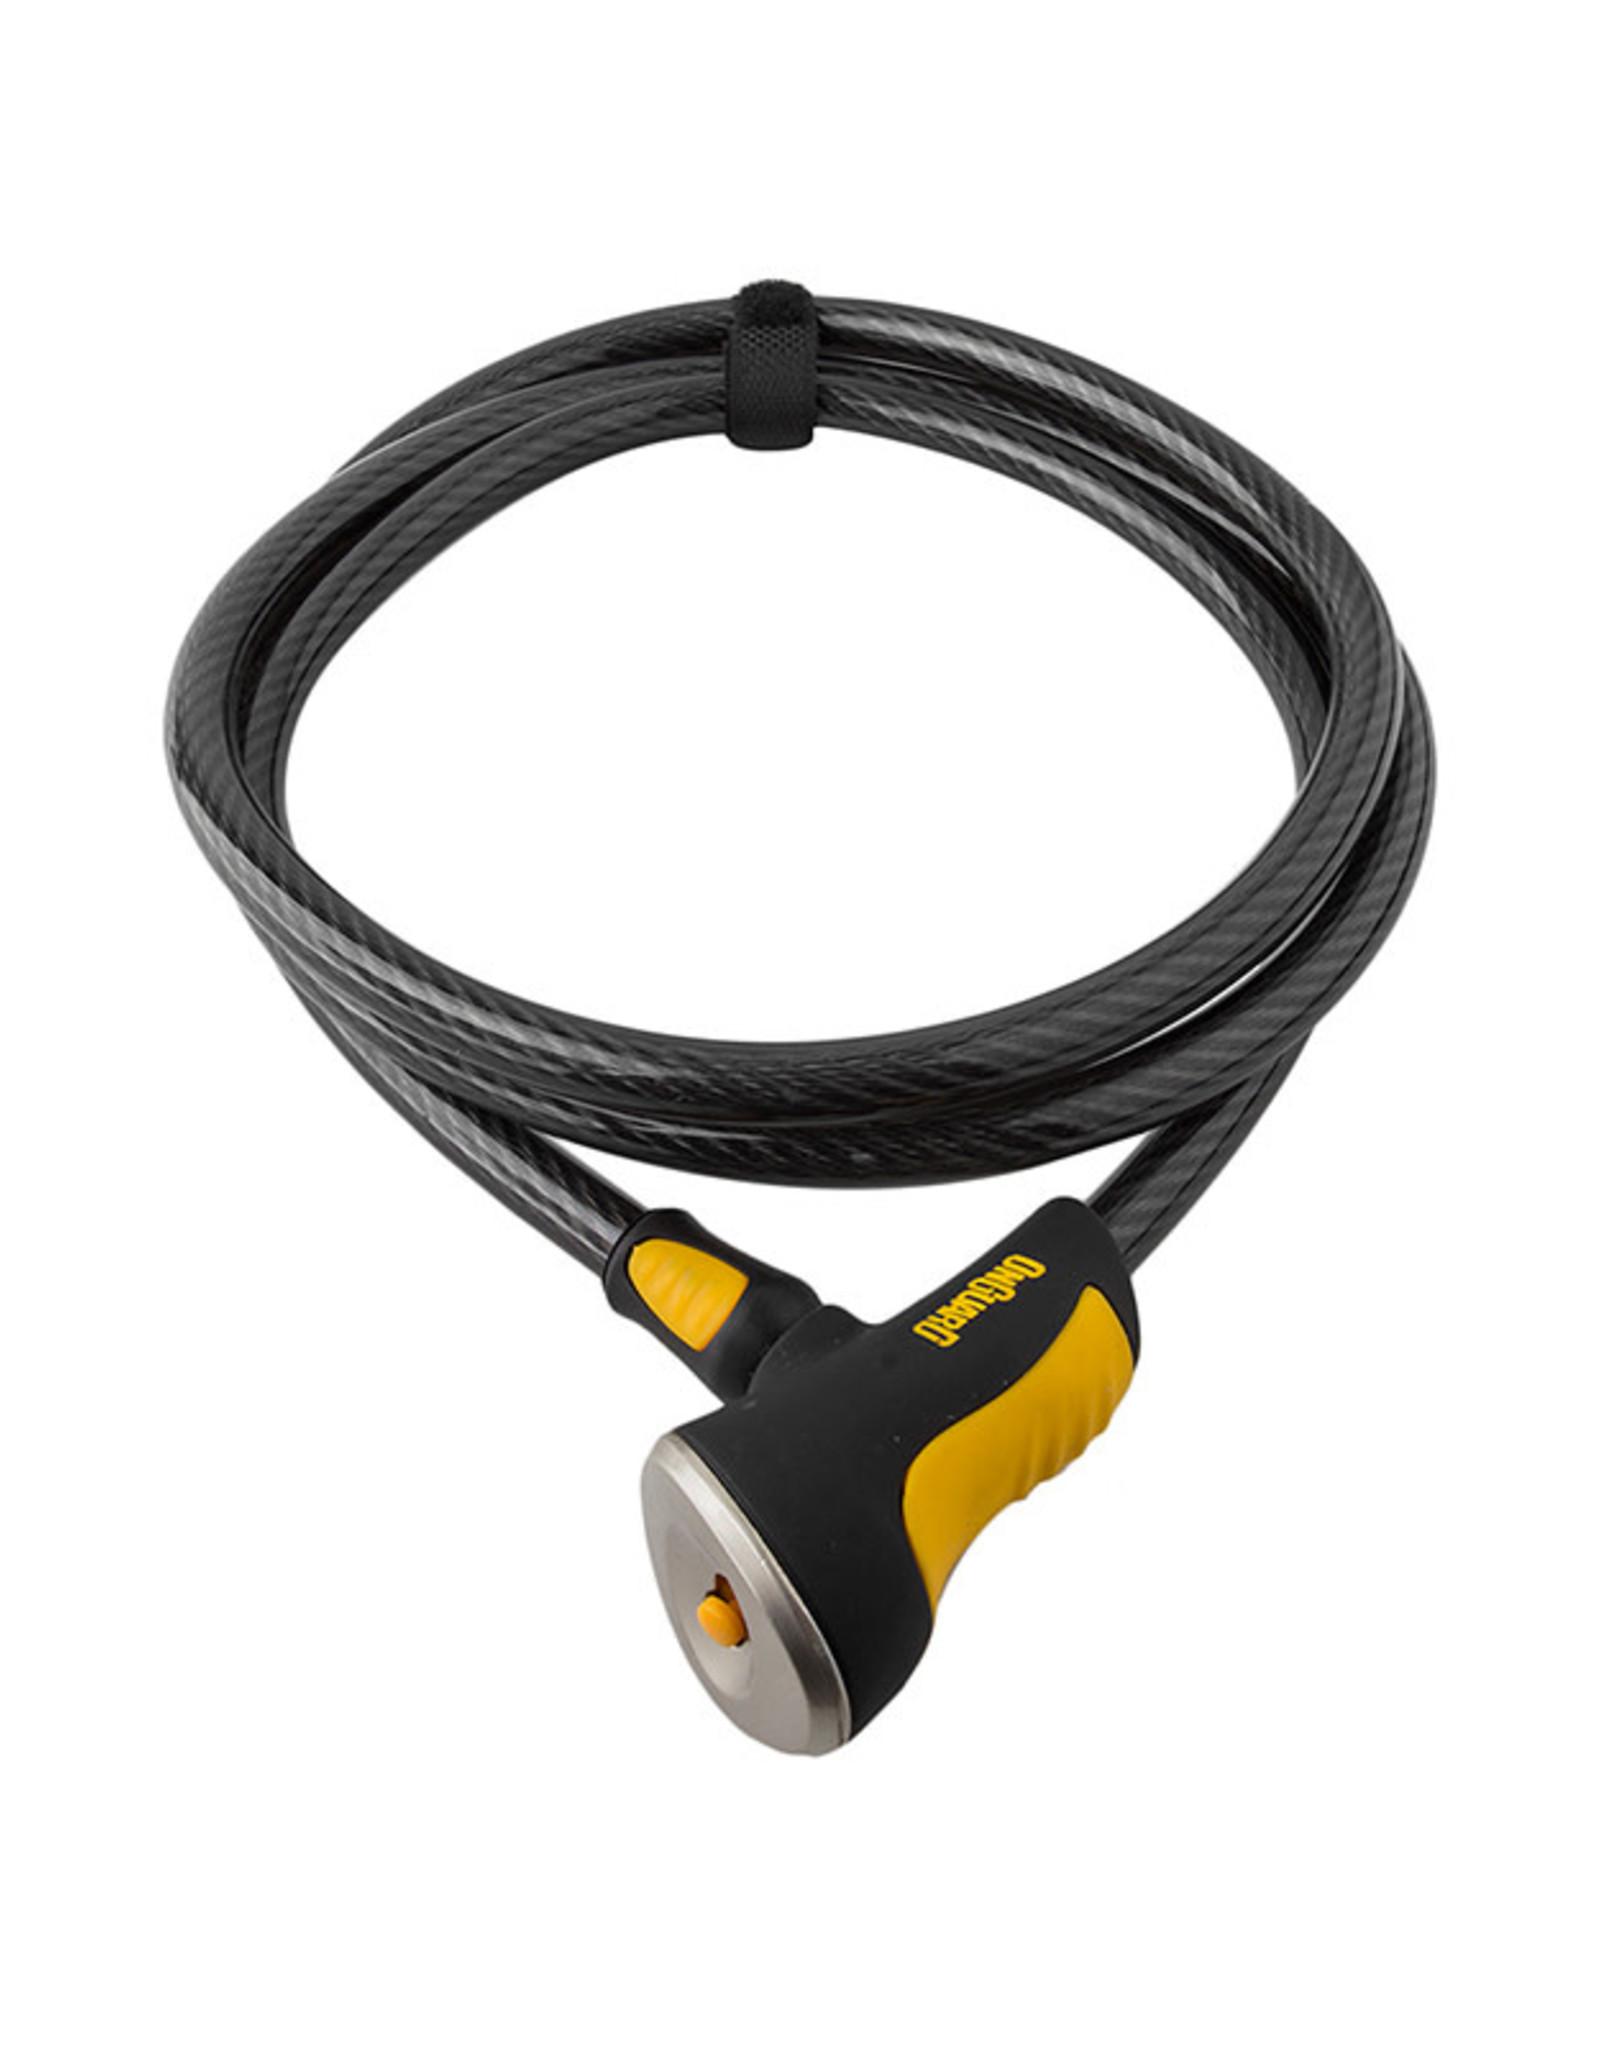 ONGUARD OnGuard Akita 8040 Key Lock 6-FOOT 12mm